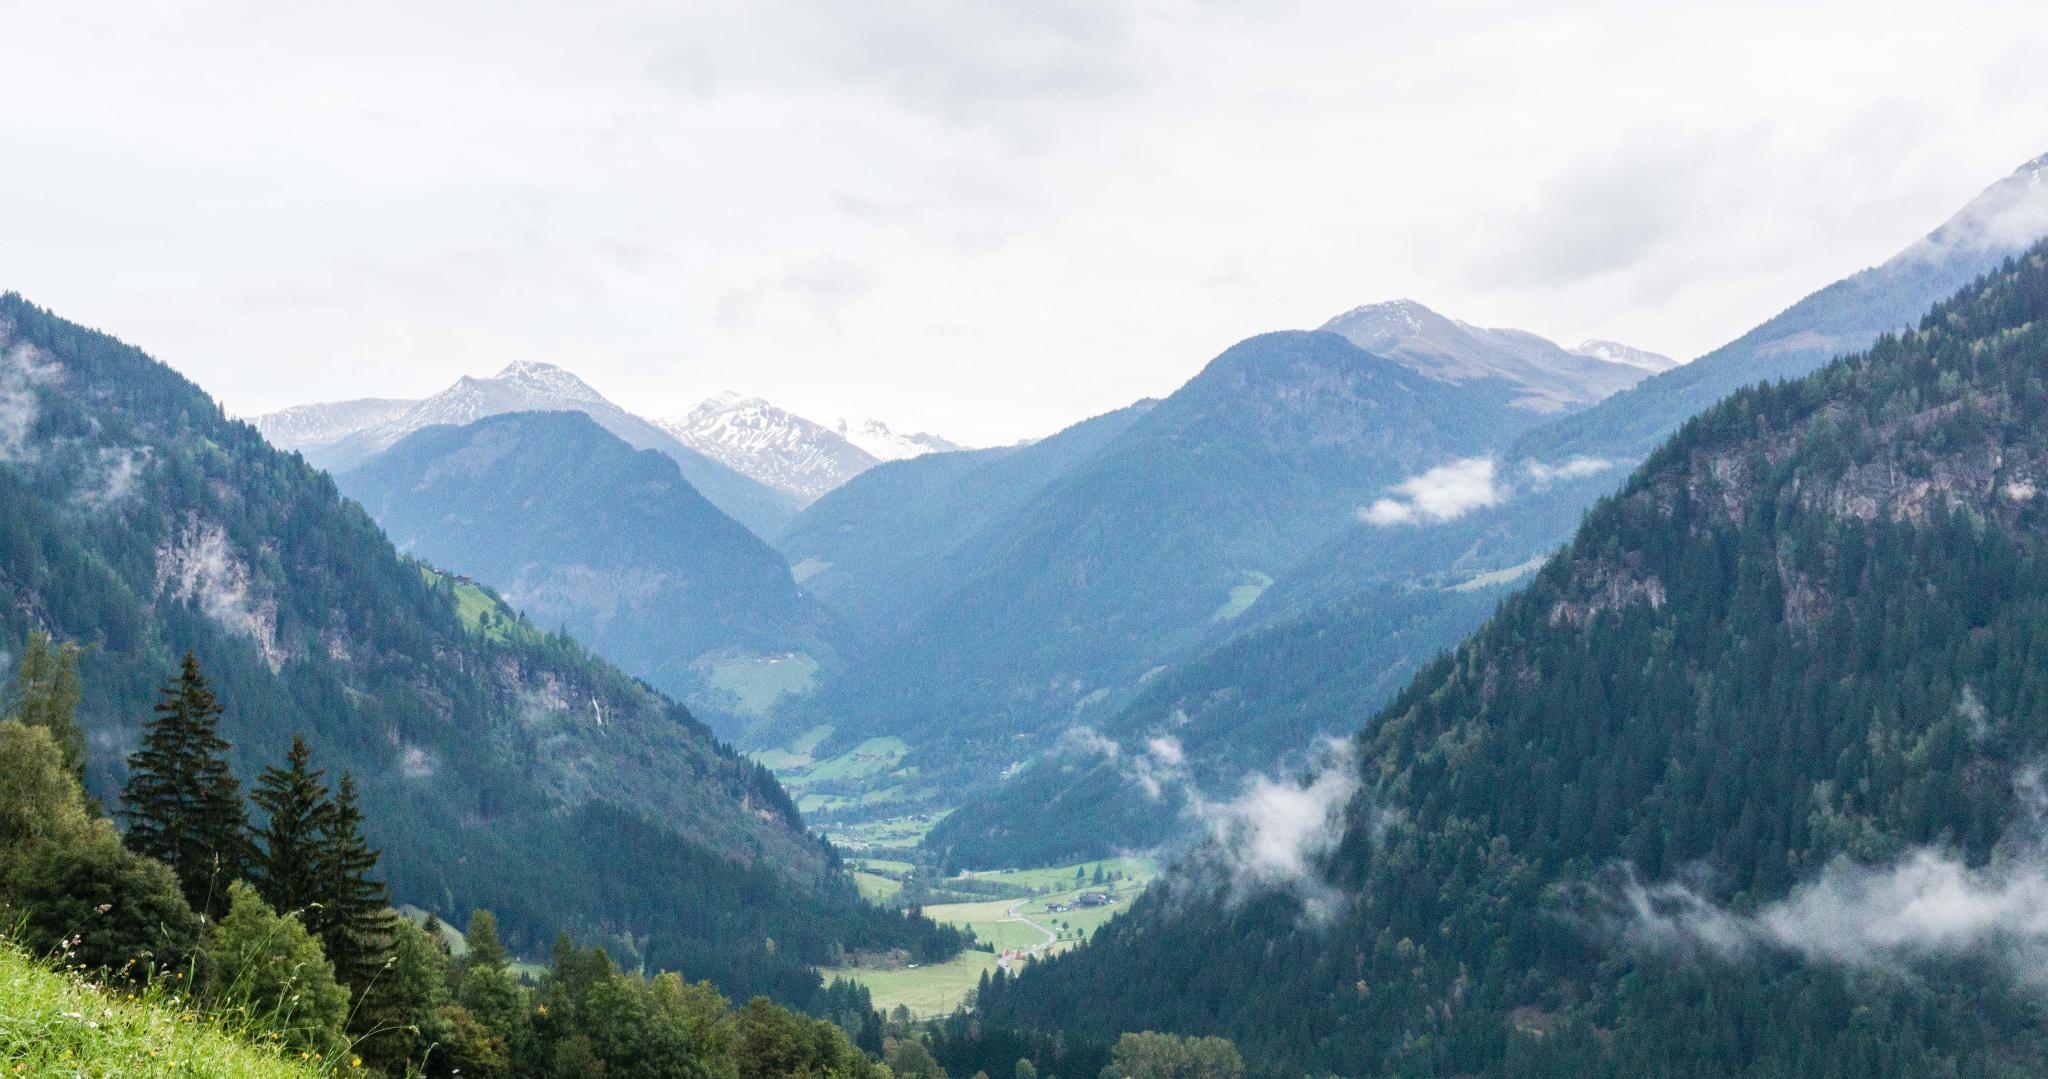 【奧地利】穿越阿爾卑斯之巔 — 奧地利大鐘山冰河公路 (Grossglockner High Alpine Road) 9